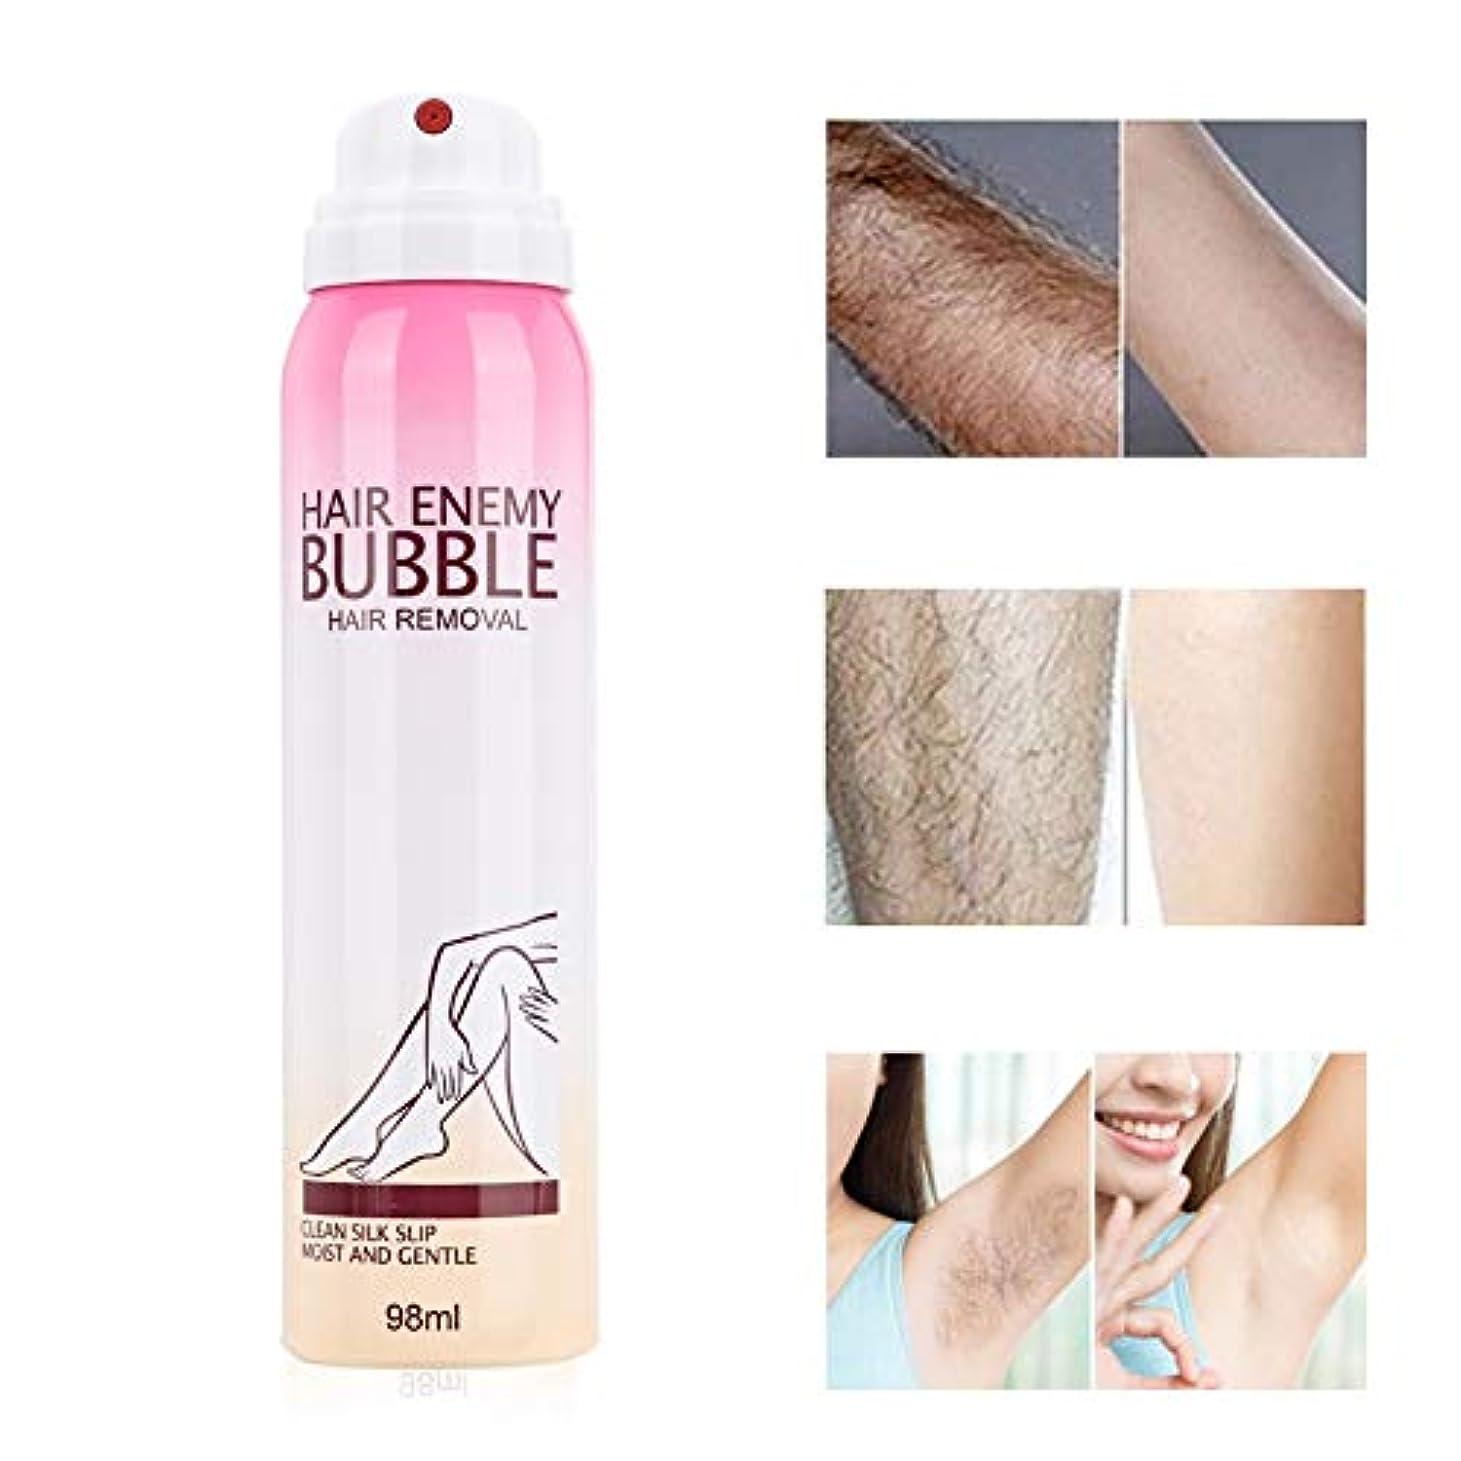 呼ぶ芝生分子泡毛除去クリーム、ナチュラル痛みのない肌にやさしいソフトと長続きがする女性のためのヘアリムーバースプレー穏やかな脱毛スプレーフォームクリーム98ミリリットル